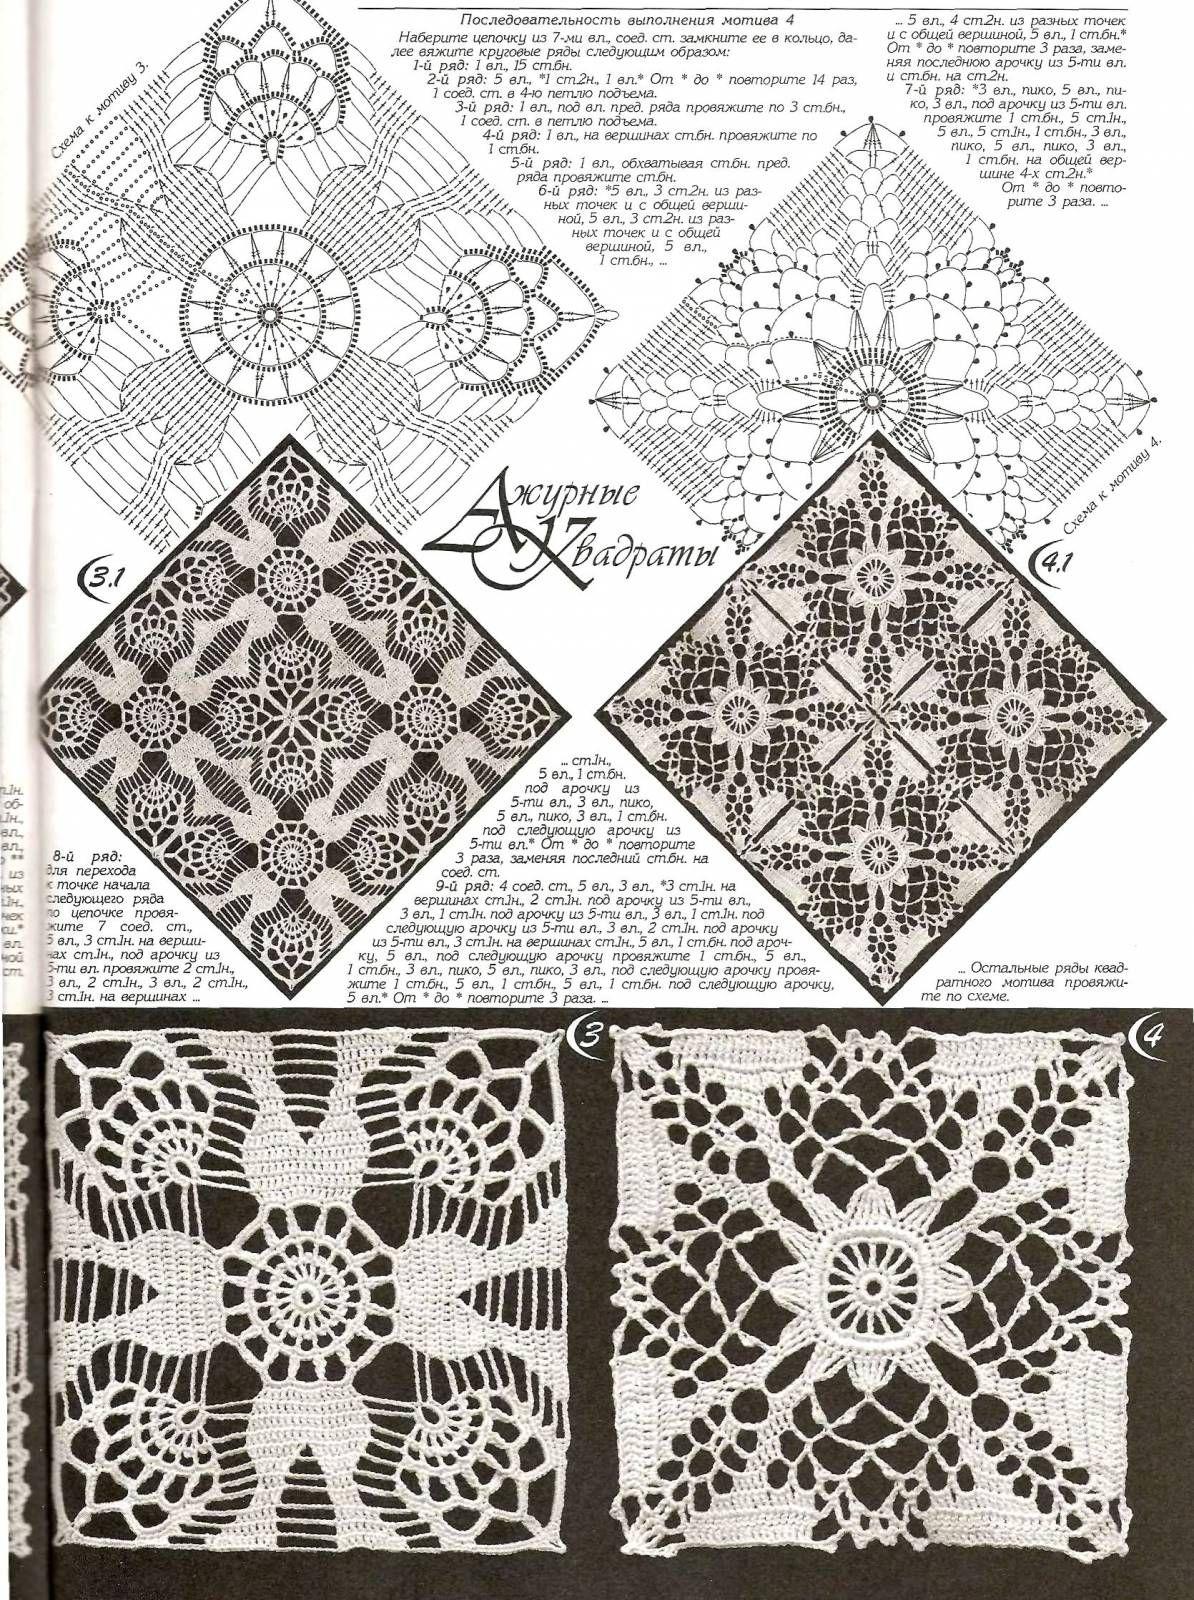 crochet square motif diagram pattern 1995 mitsubishi eclipse radio wiring lace granny häkeln